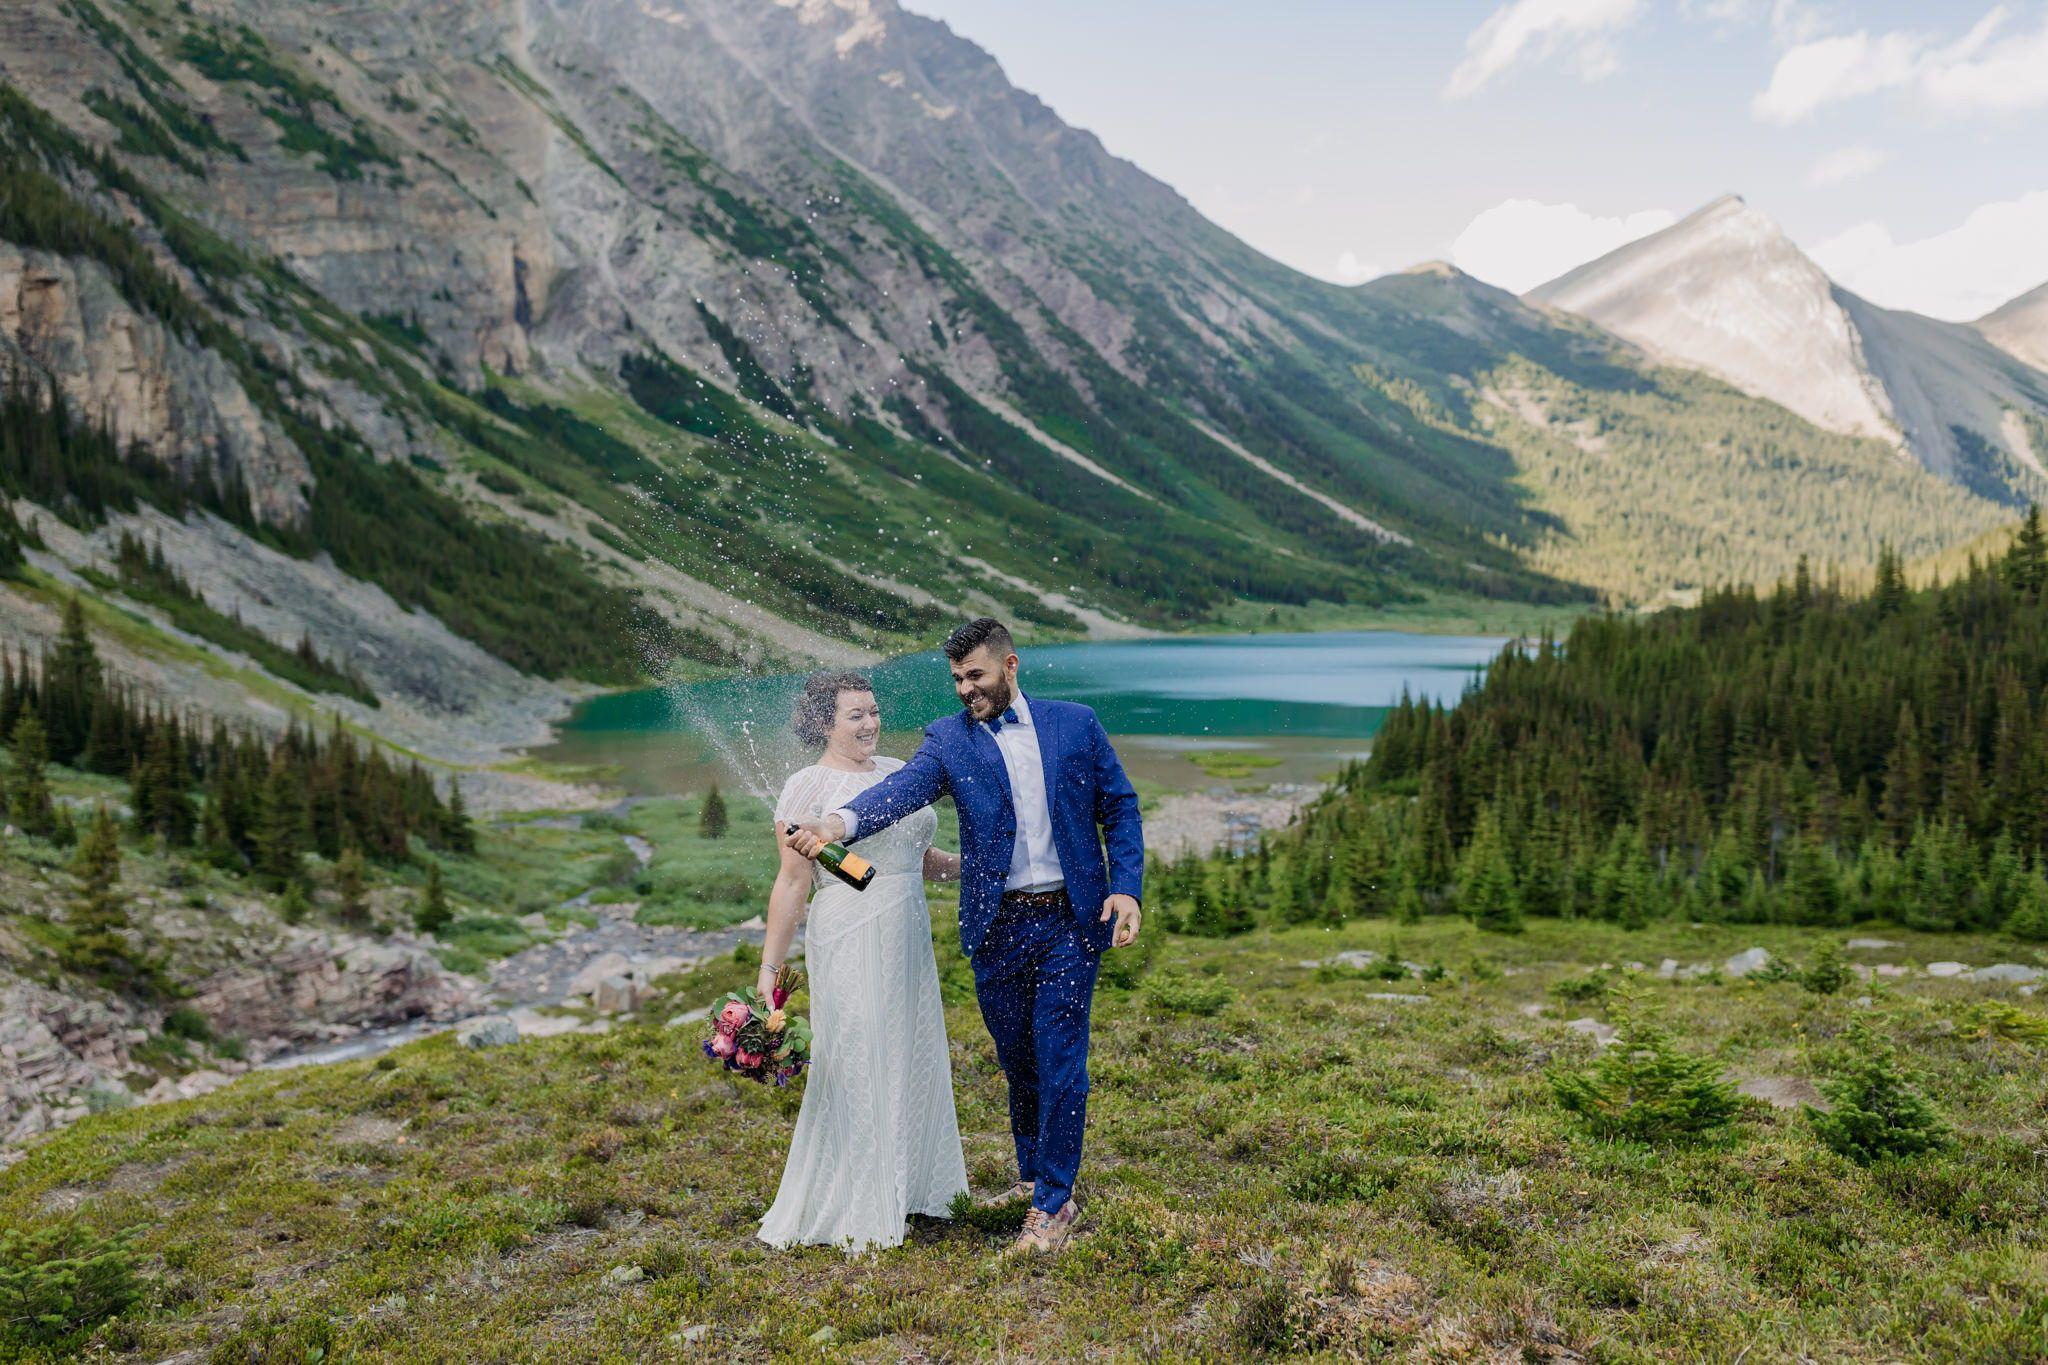 Pin on Nordegg & Abraham Lake Weddings, Elopements etc.